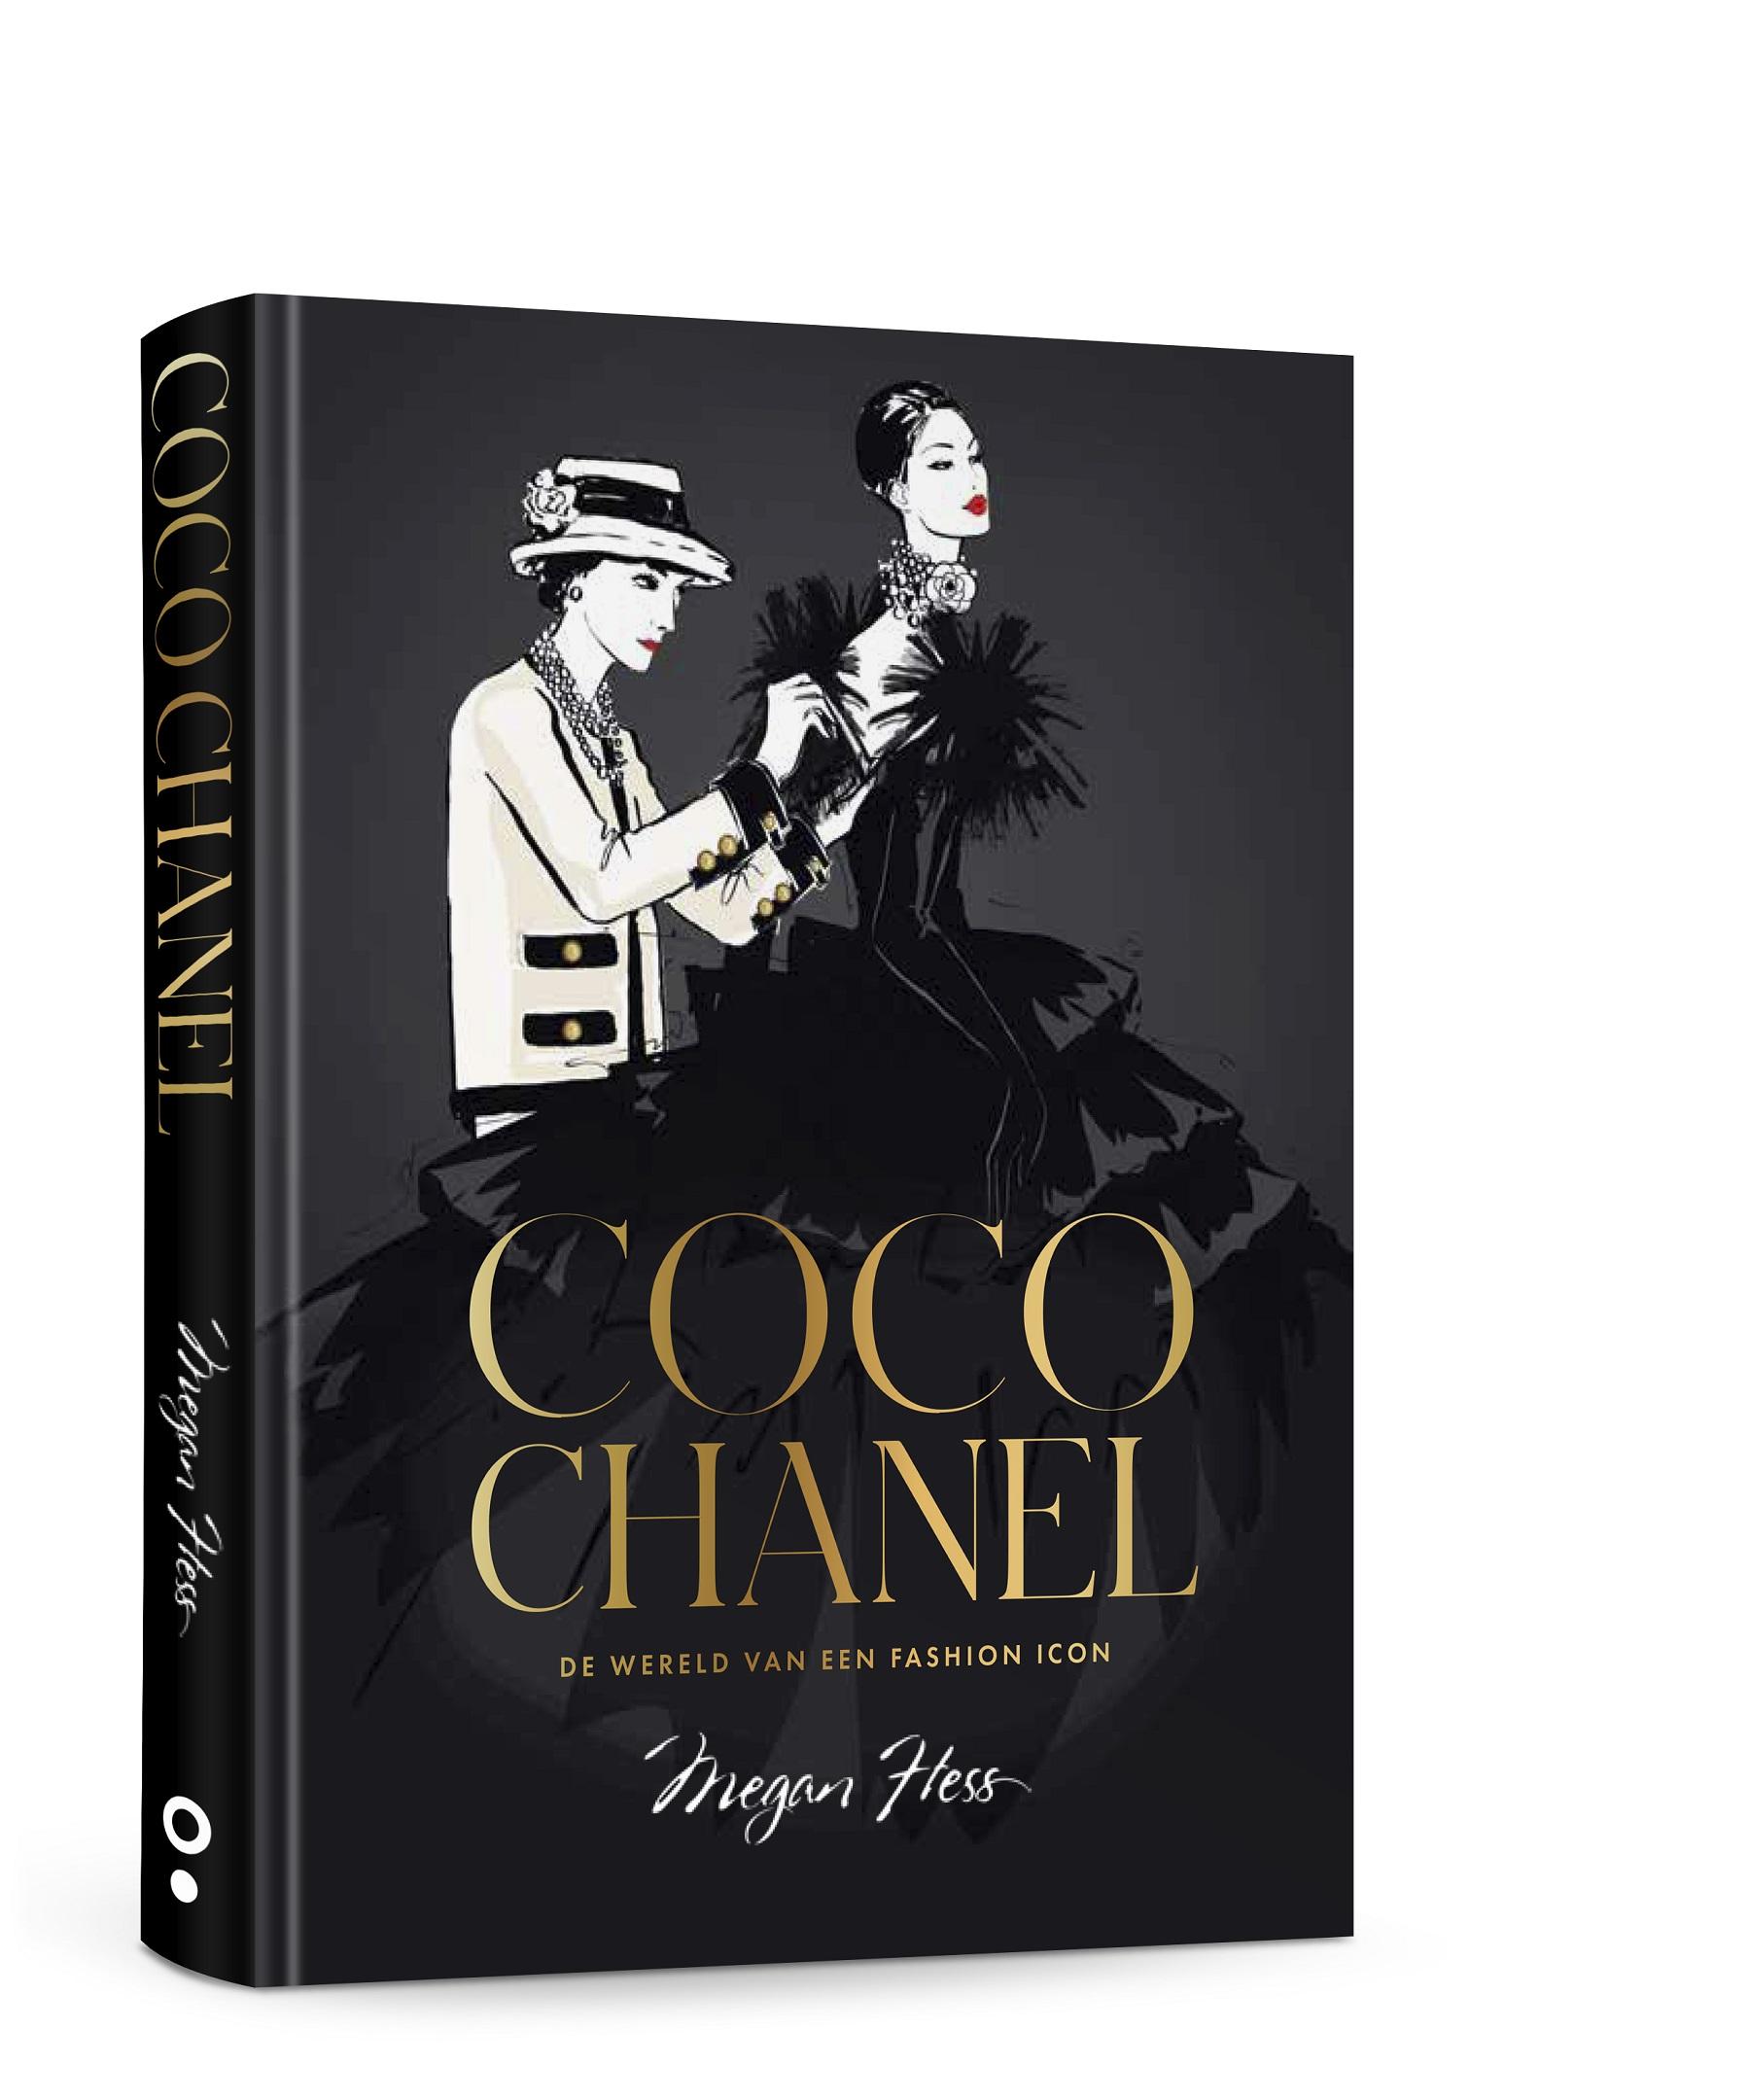 Coco Chanel | De wereld van een fashion icon | Auteur: Megan Hess | ISBN: 9789021584577 | Prijs: €24,99 | Verschijnt op 28 september 2021